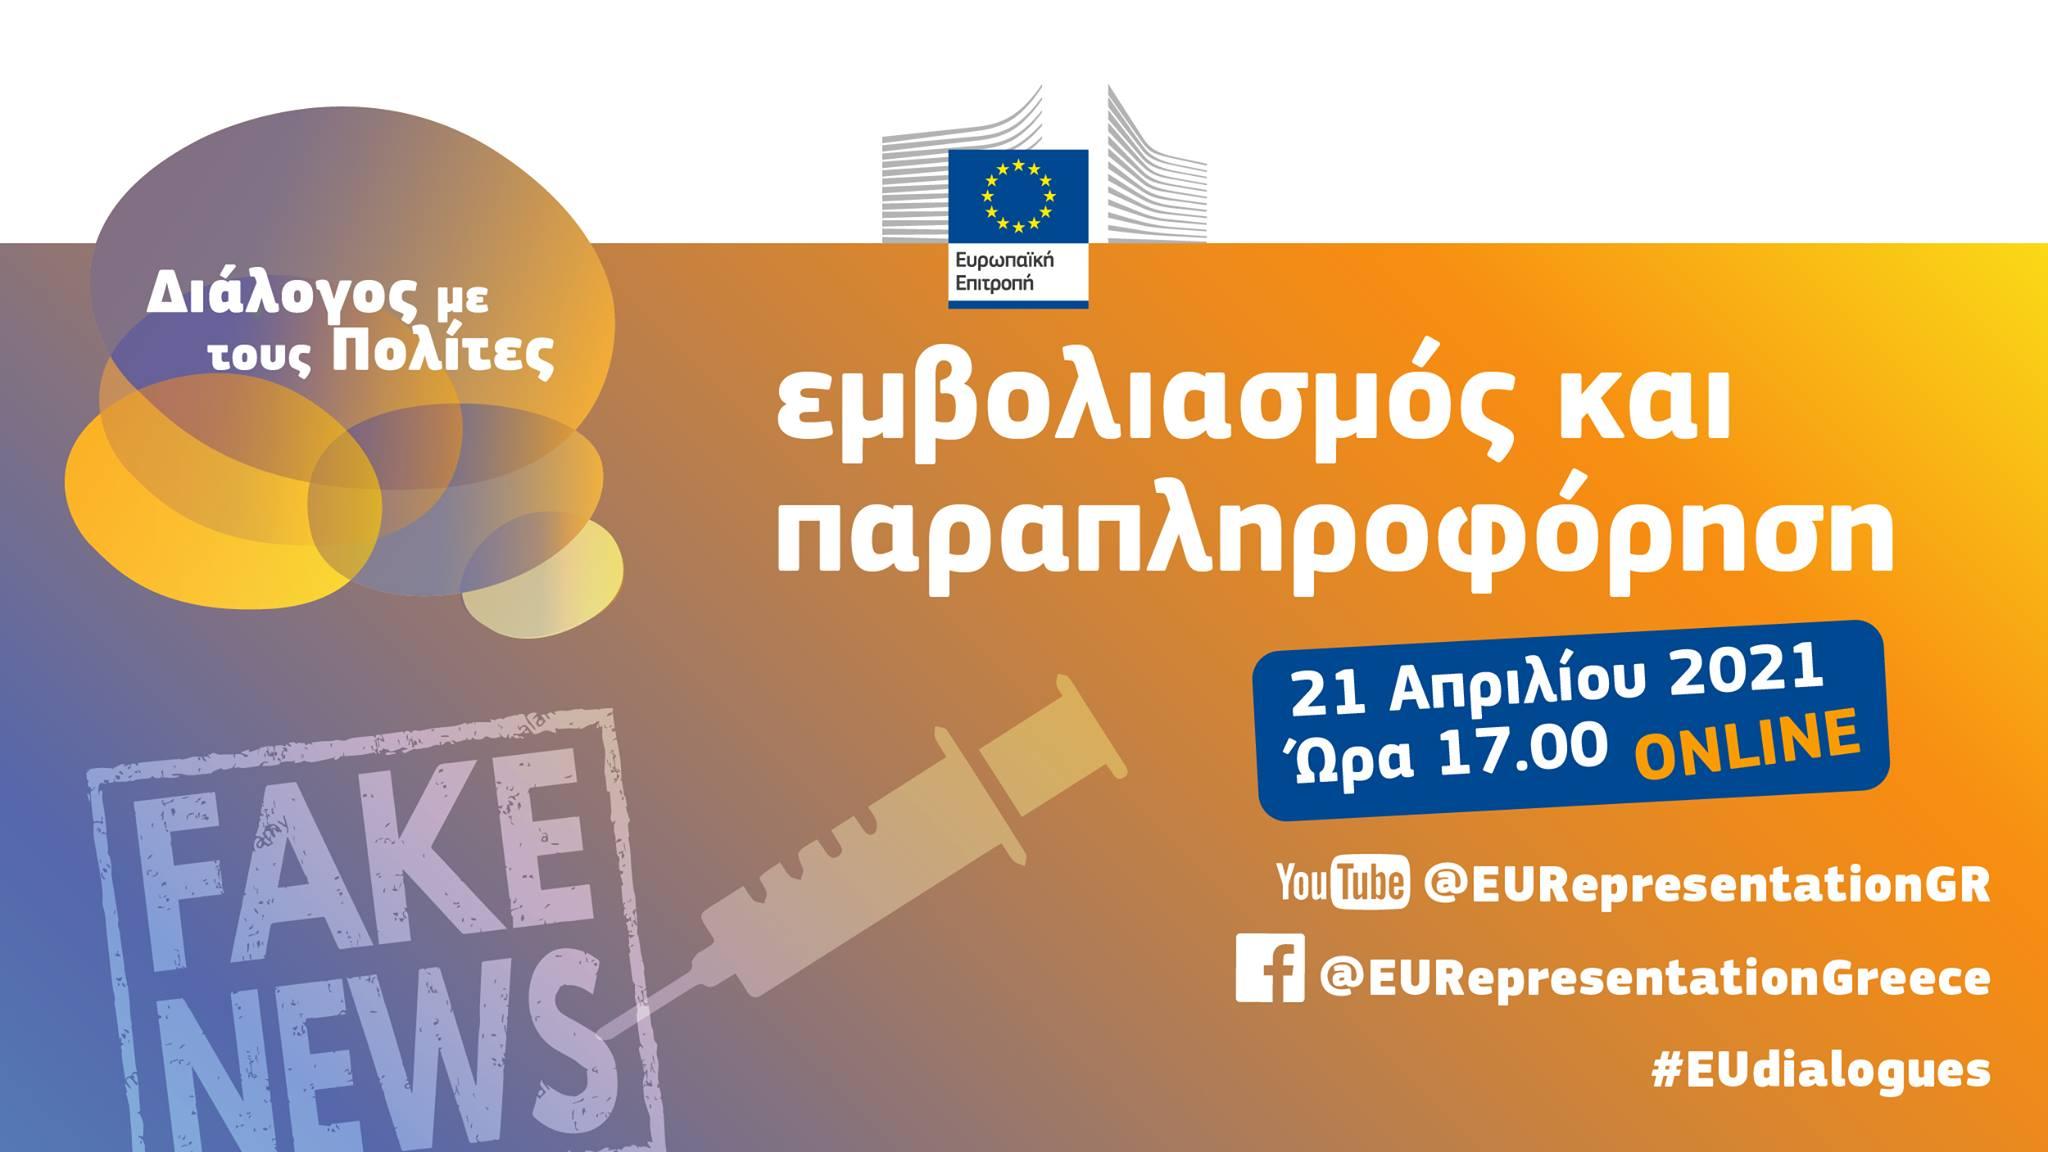 """Τετάρτη 21/04/21 στις 17:00 η Ευρωπαϊκή Επιτροπή πραγματοποιεί διαδικτυακή εκδήλωση με θέμα: """"Εμβολιασμός & Παραπληροφόρηση"""""""